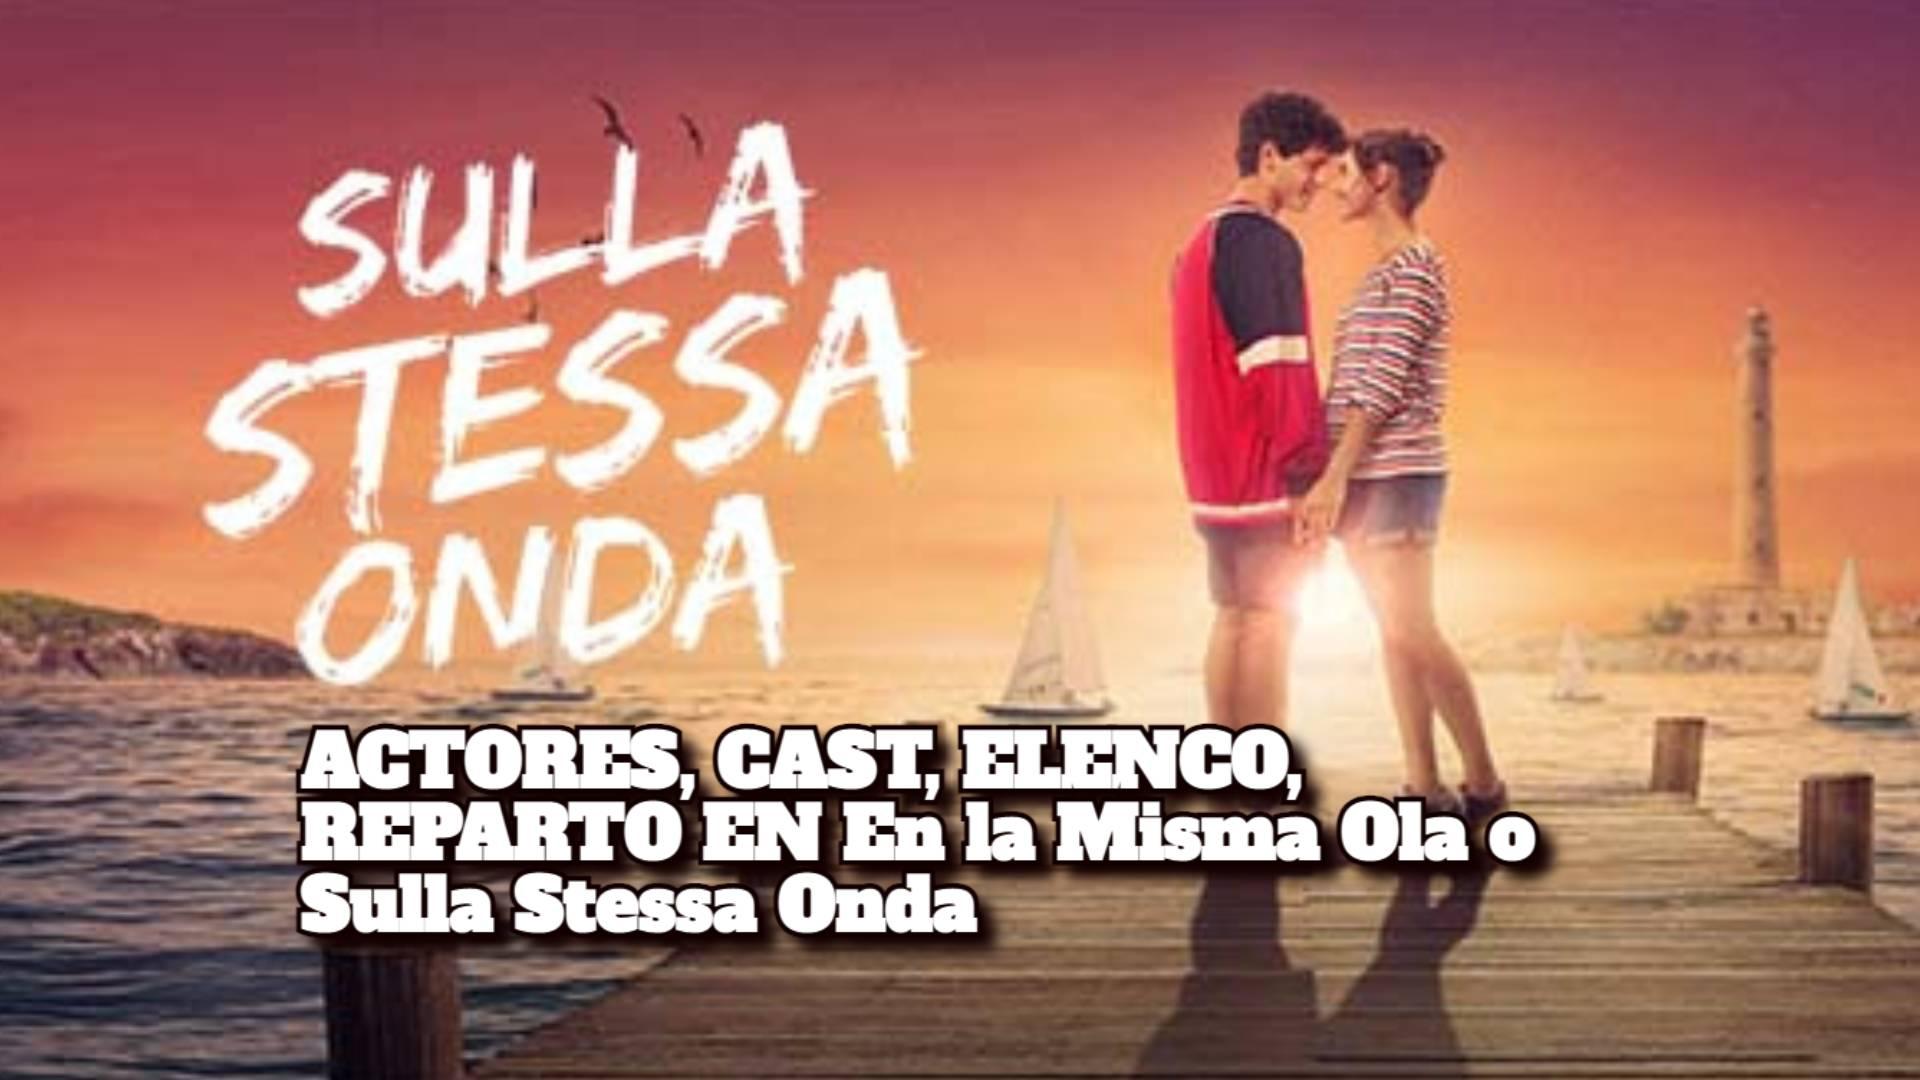 ACTORES, CAST, ELENCO, REPARTO EN En la Misma Ola o Sulla Stessa Onda